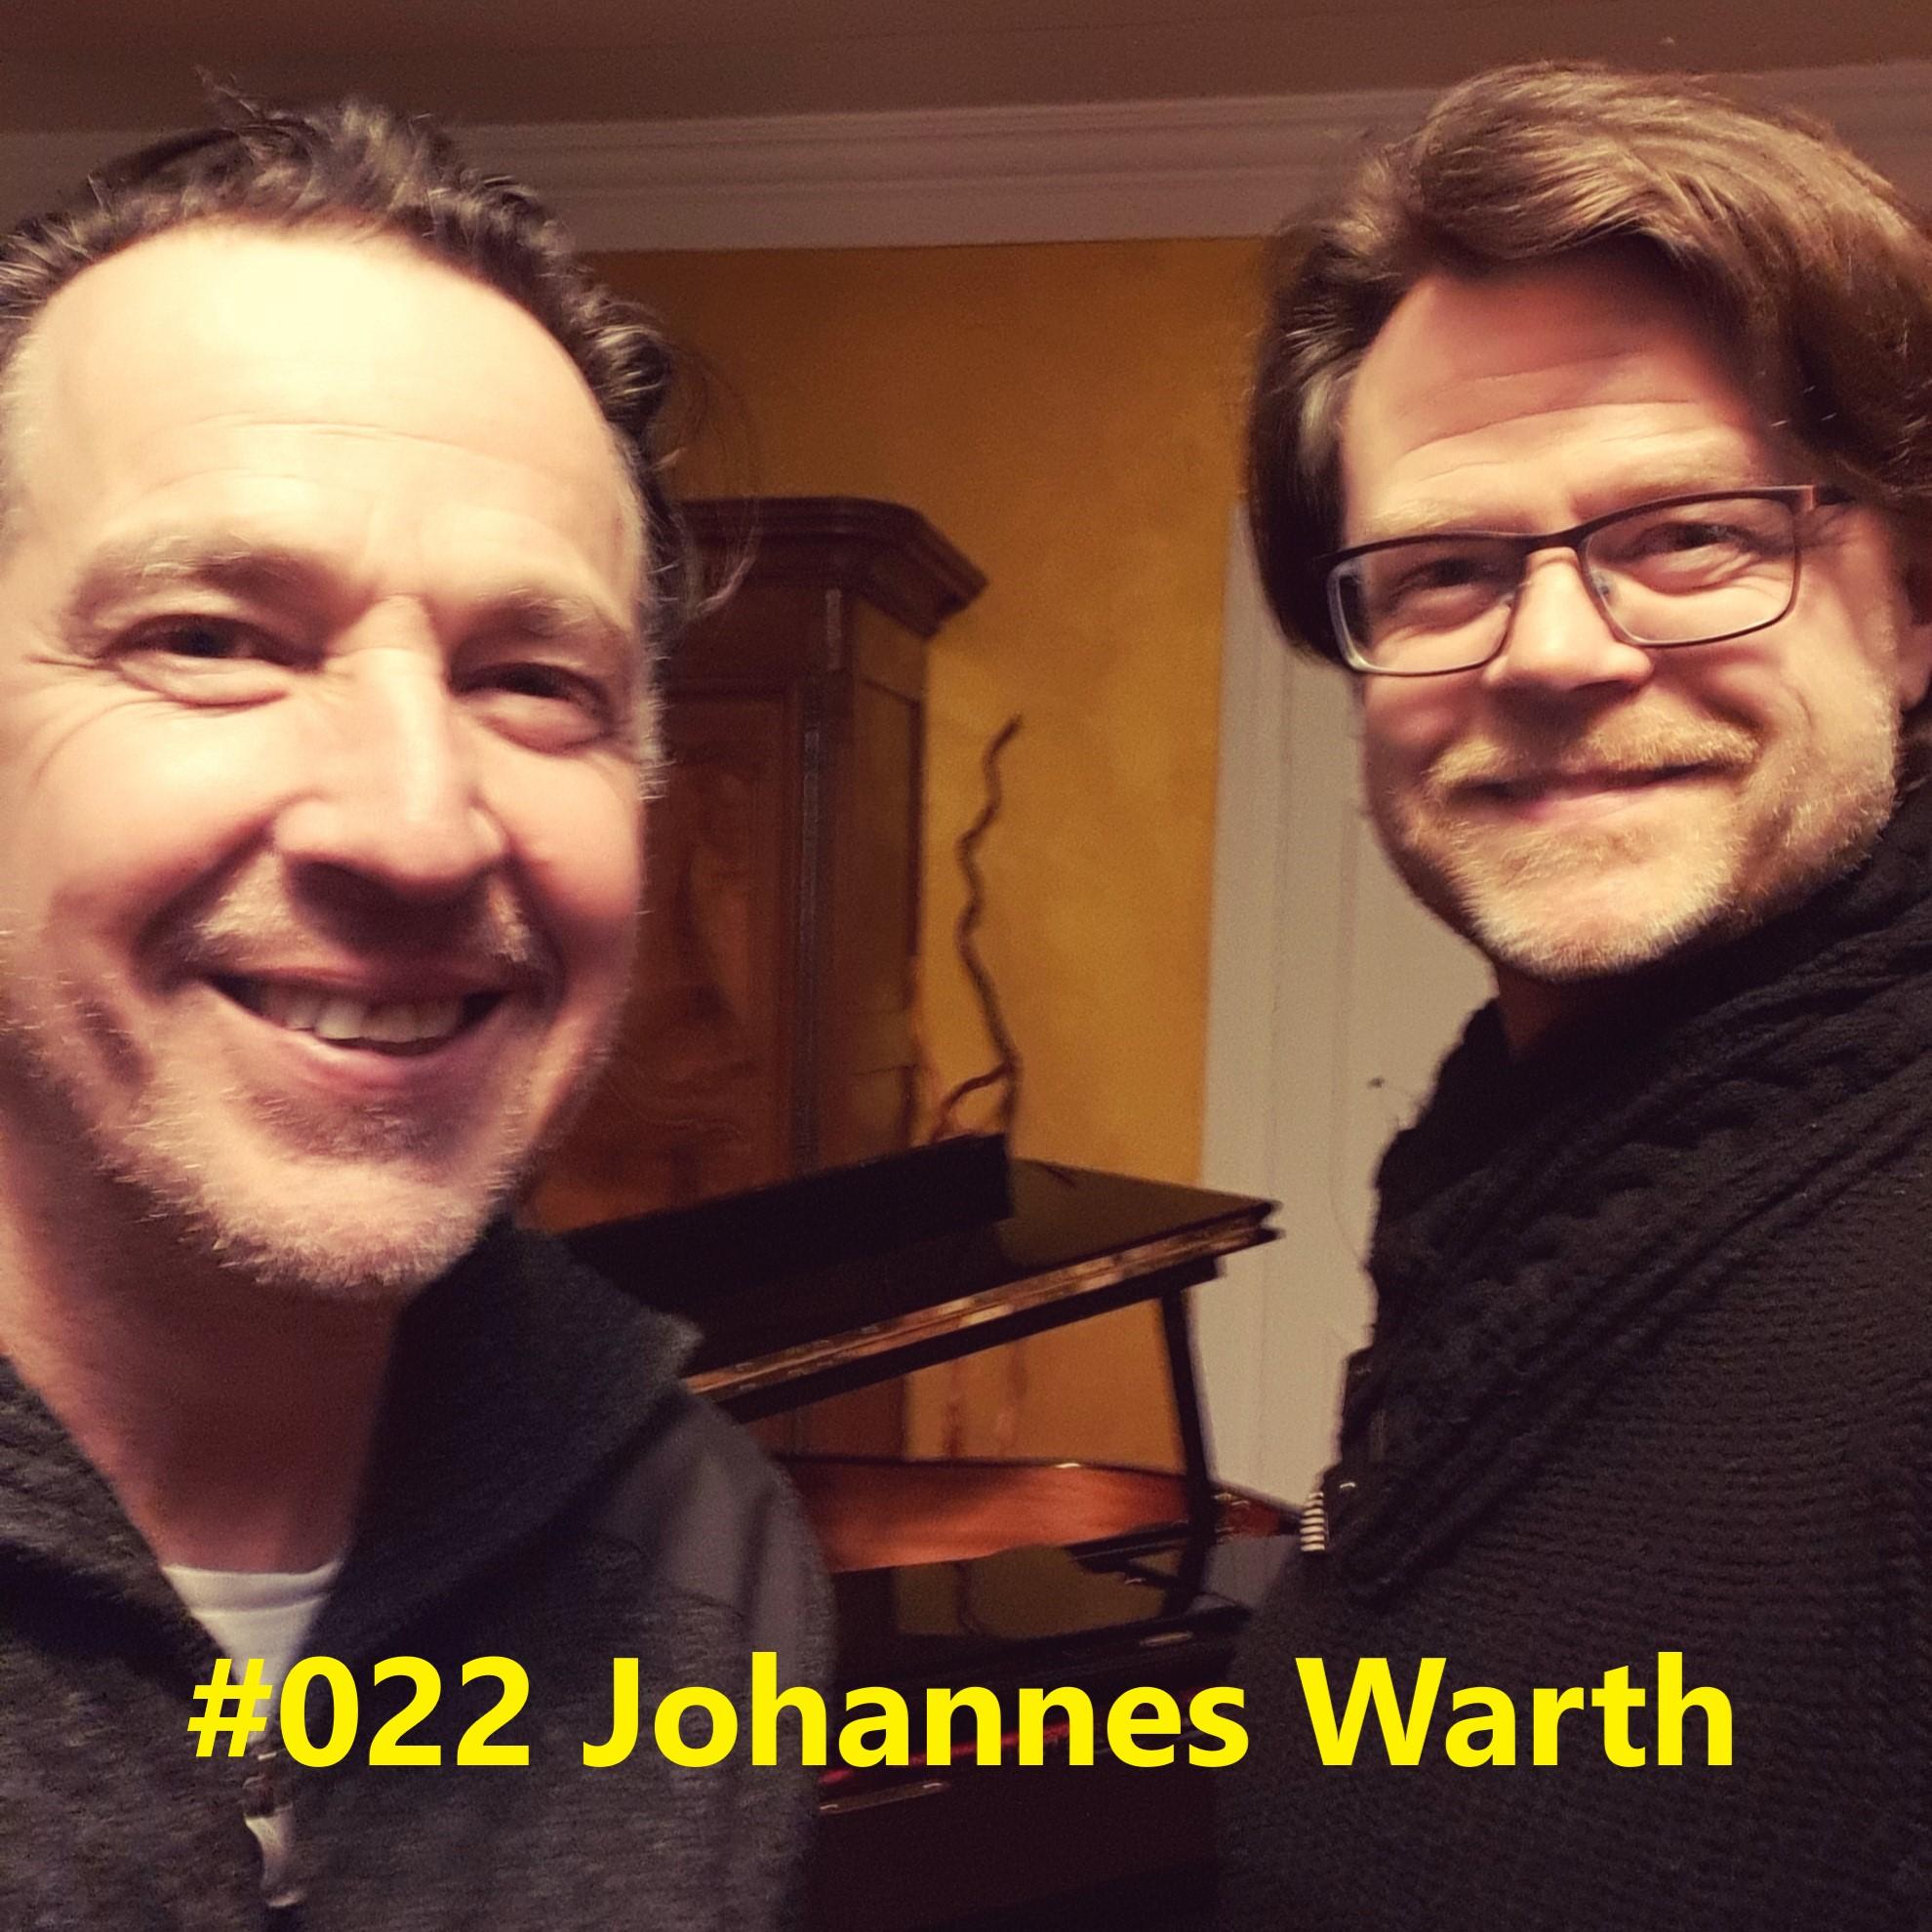 Johannes Warth